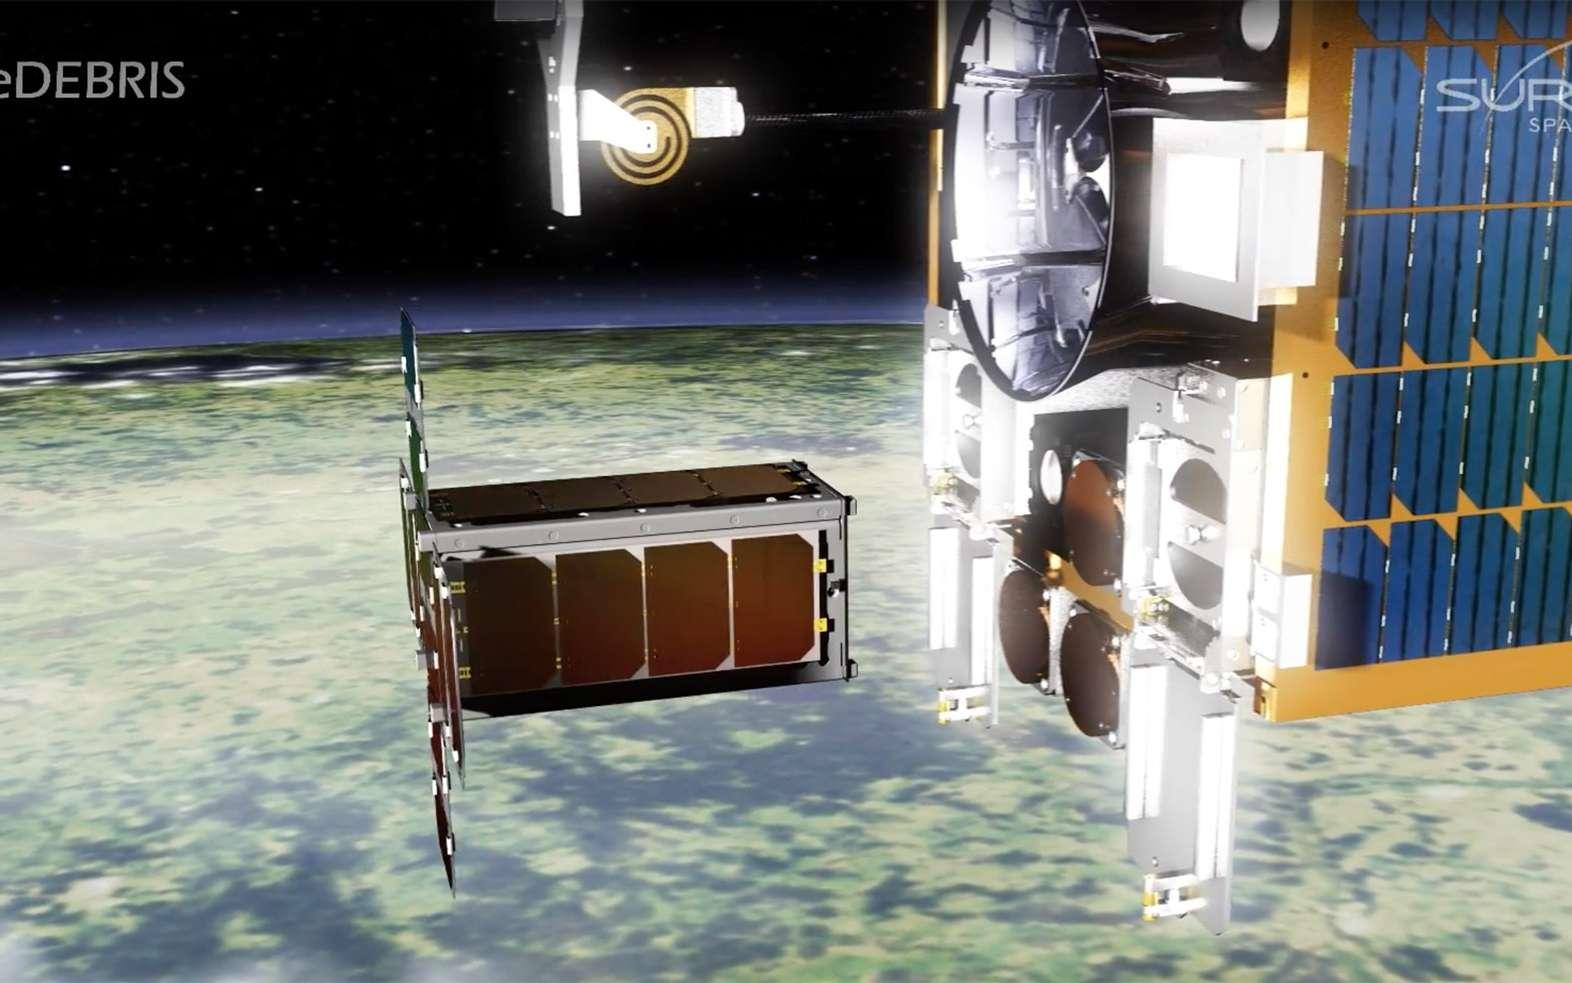 Avec le démonstrateur RemoveDebris, l'Europe veut se doter d'outils capables d'aller désorbiter les débris spatiaux les plus menaçants pour ses satellites. © Surrey Satellite Technology